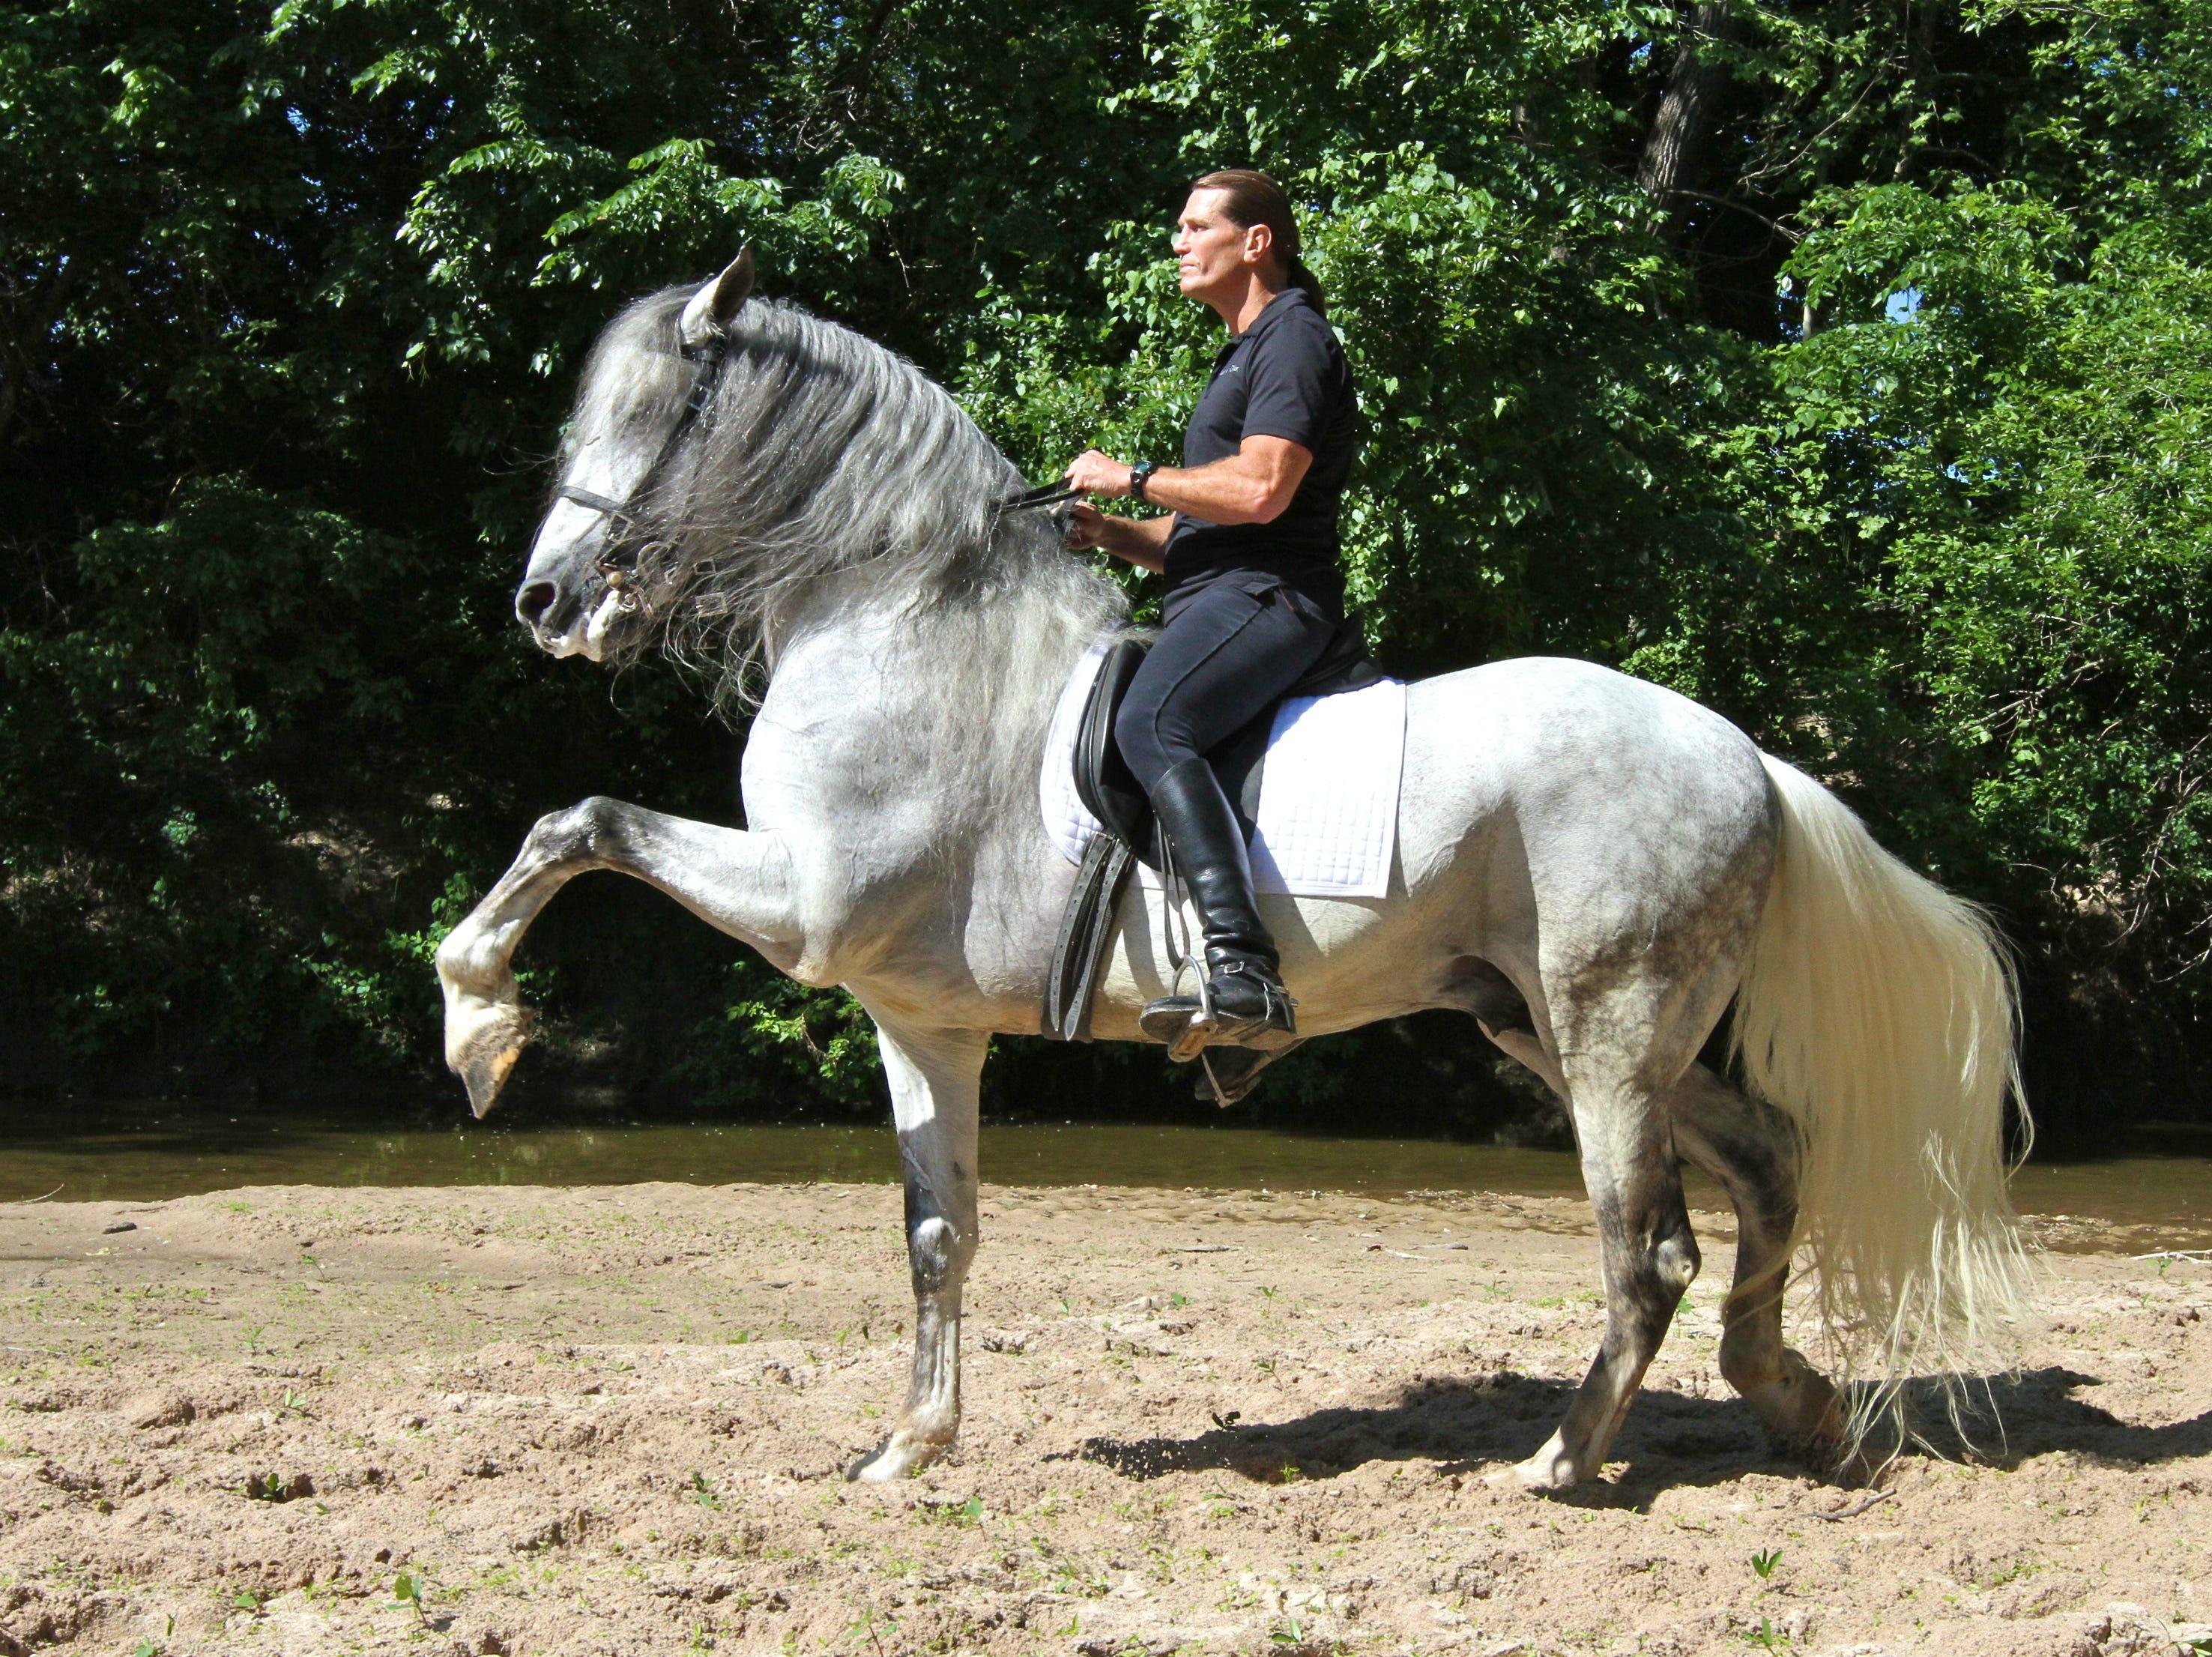 Tim Baker riding a horse.